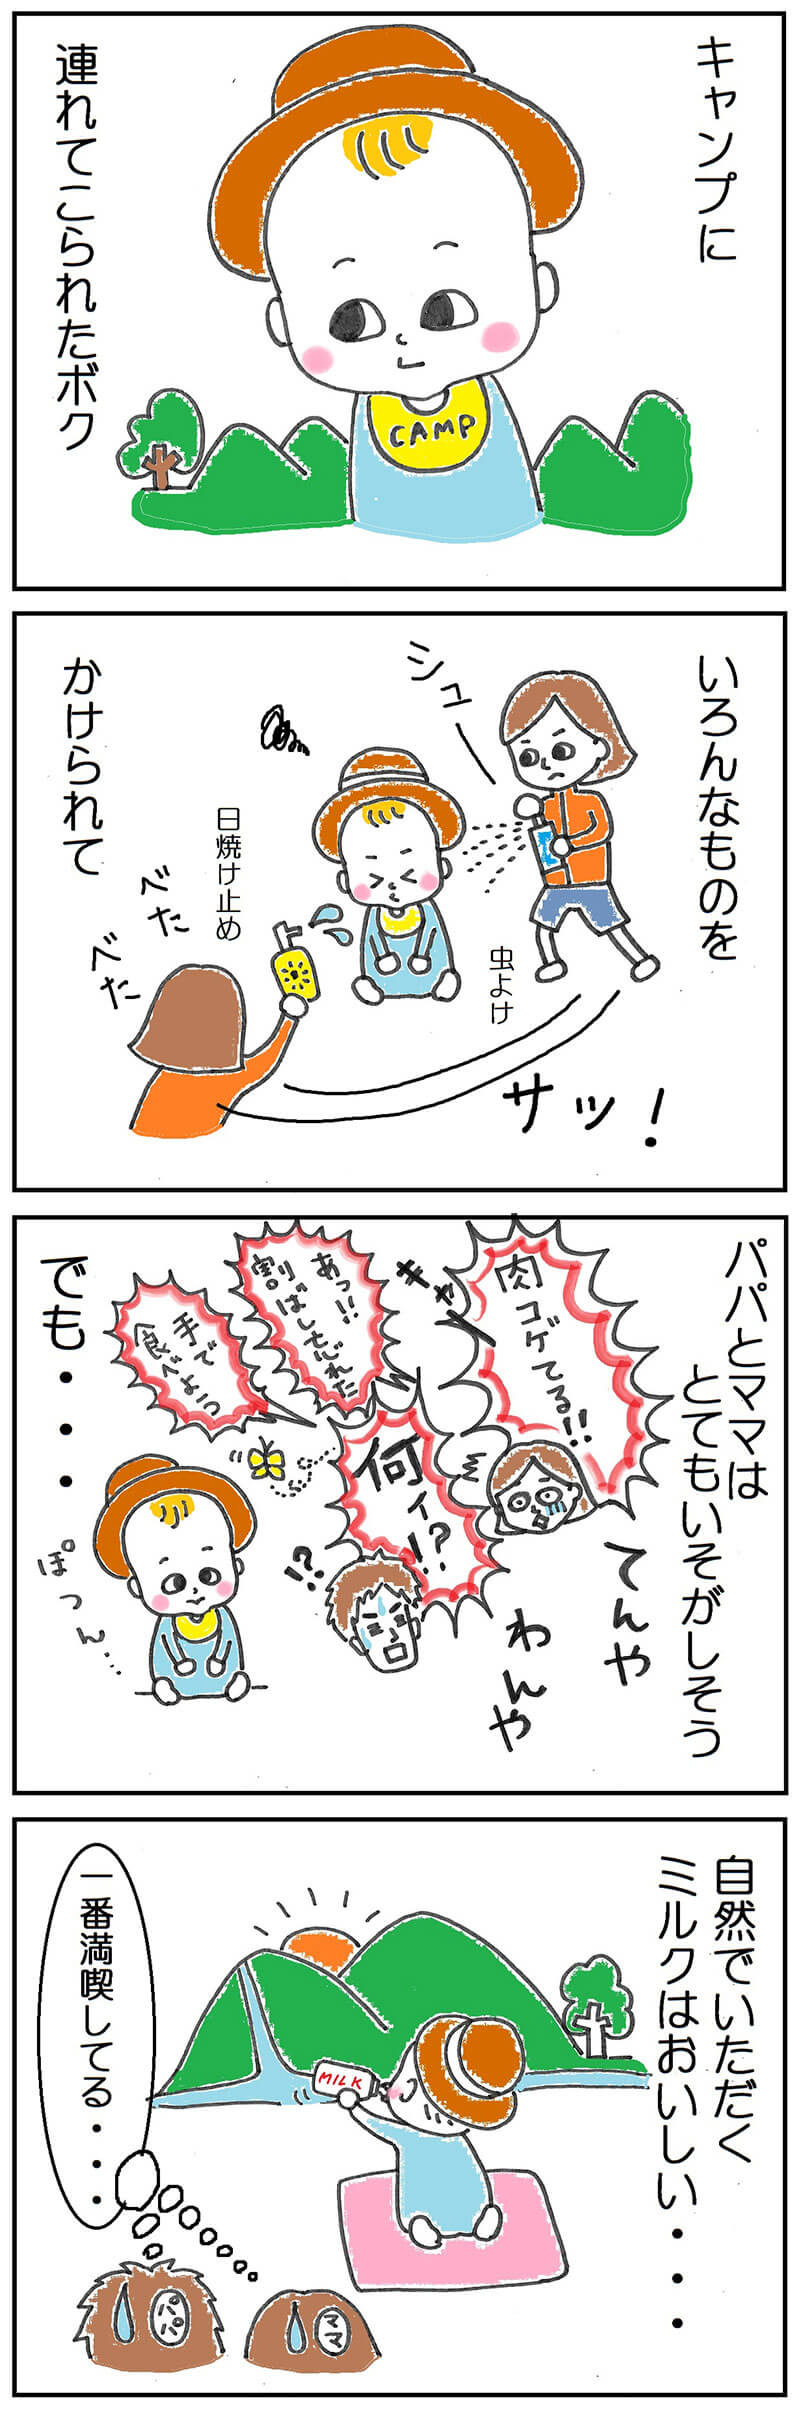 赤ちゃんのキャンプの子育て4コマ漫画